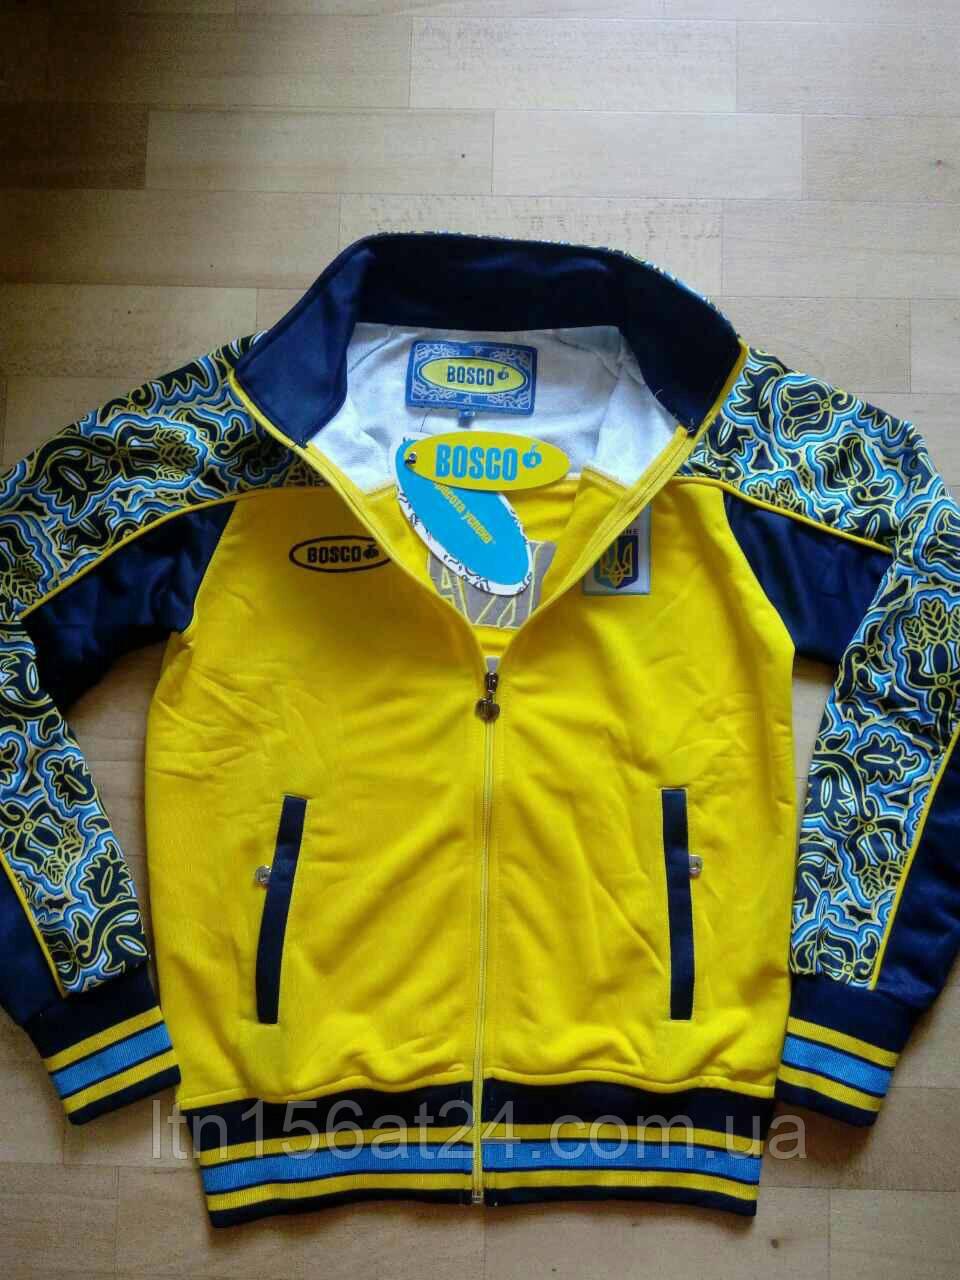 9c26224c ... Спортивные костюмы Bosco Sport Украина (весна осень) оригинал, ...